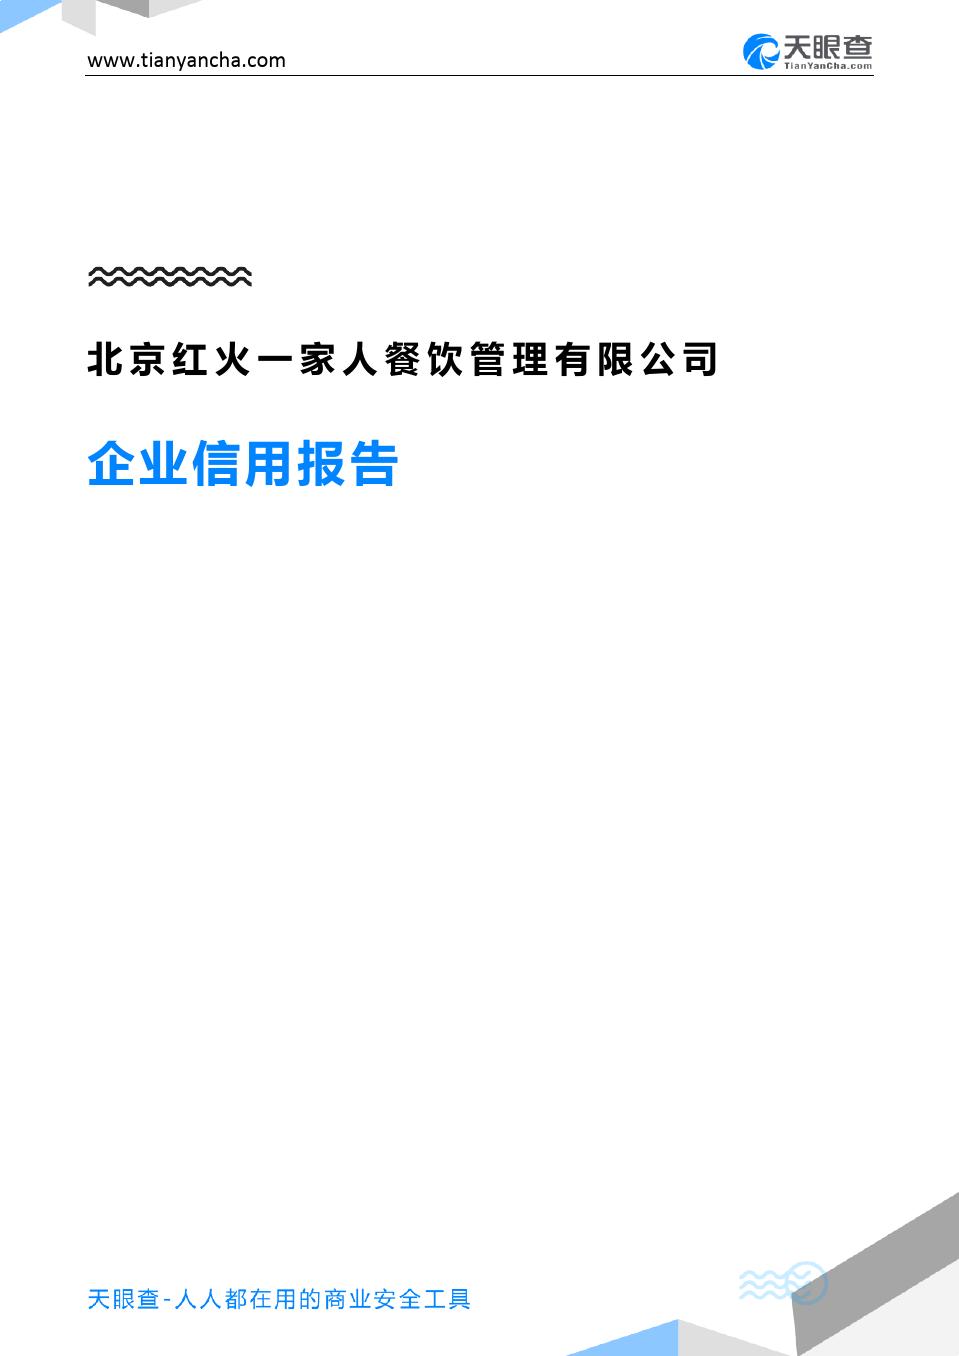 北京红火一家人餐饮管理有限公司(企业信用报告)- 天眼查